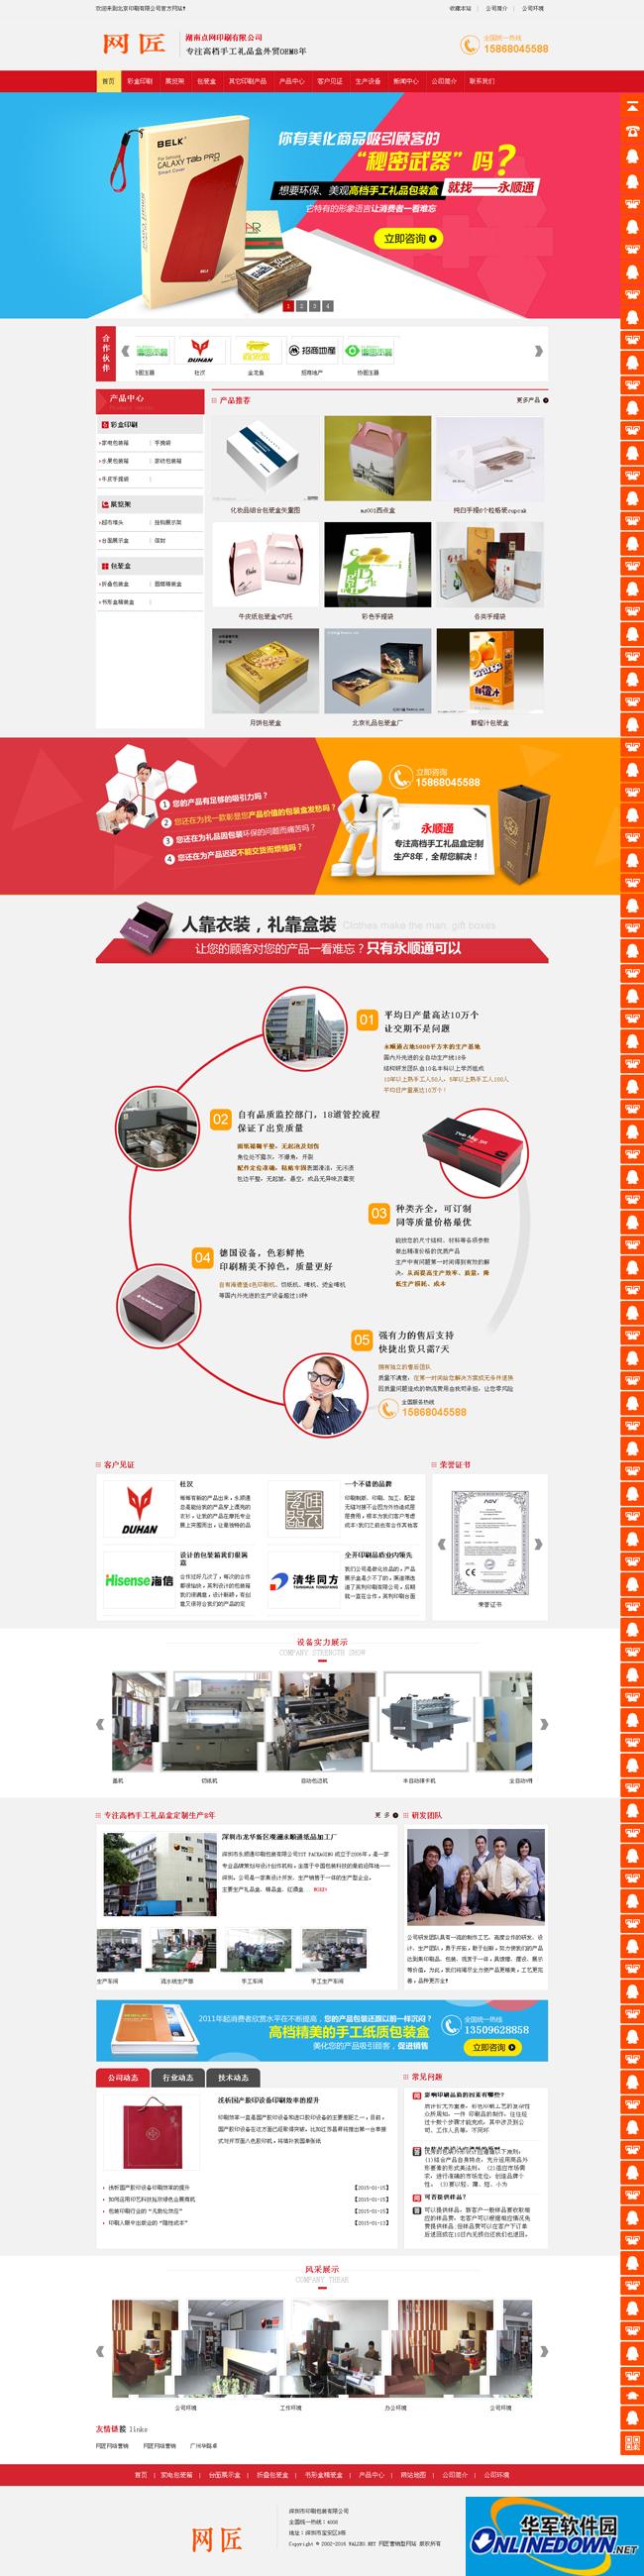 营销型印刷品包装企业网站织梦模板 (带html5手机端)